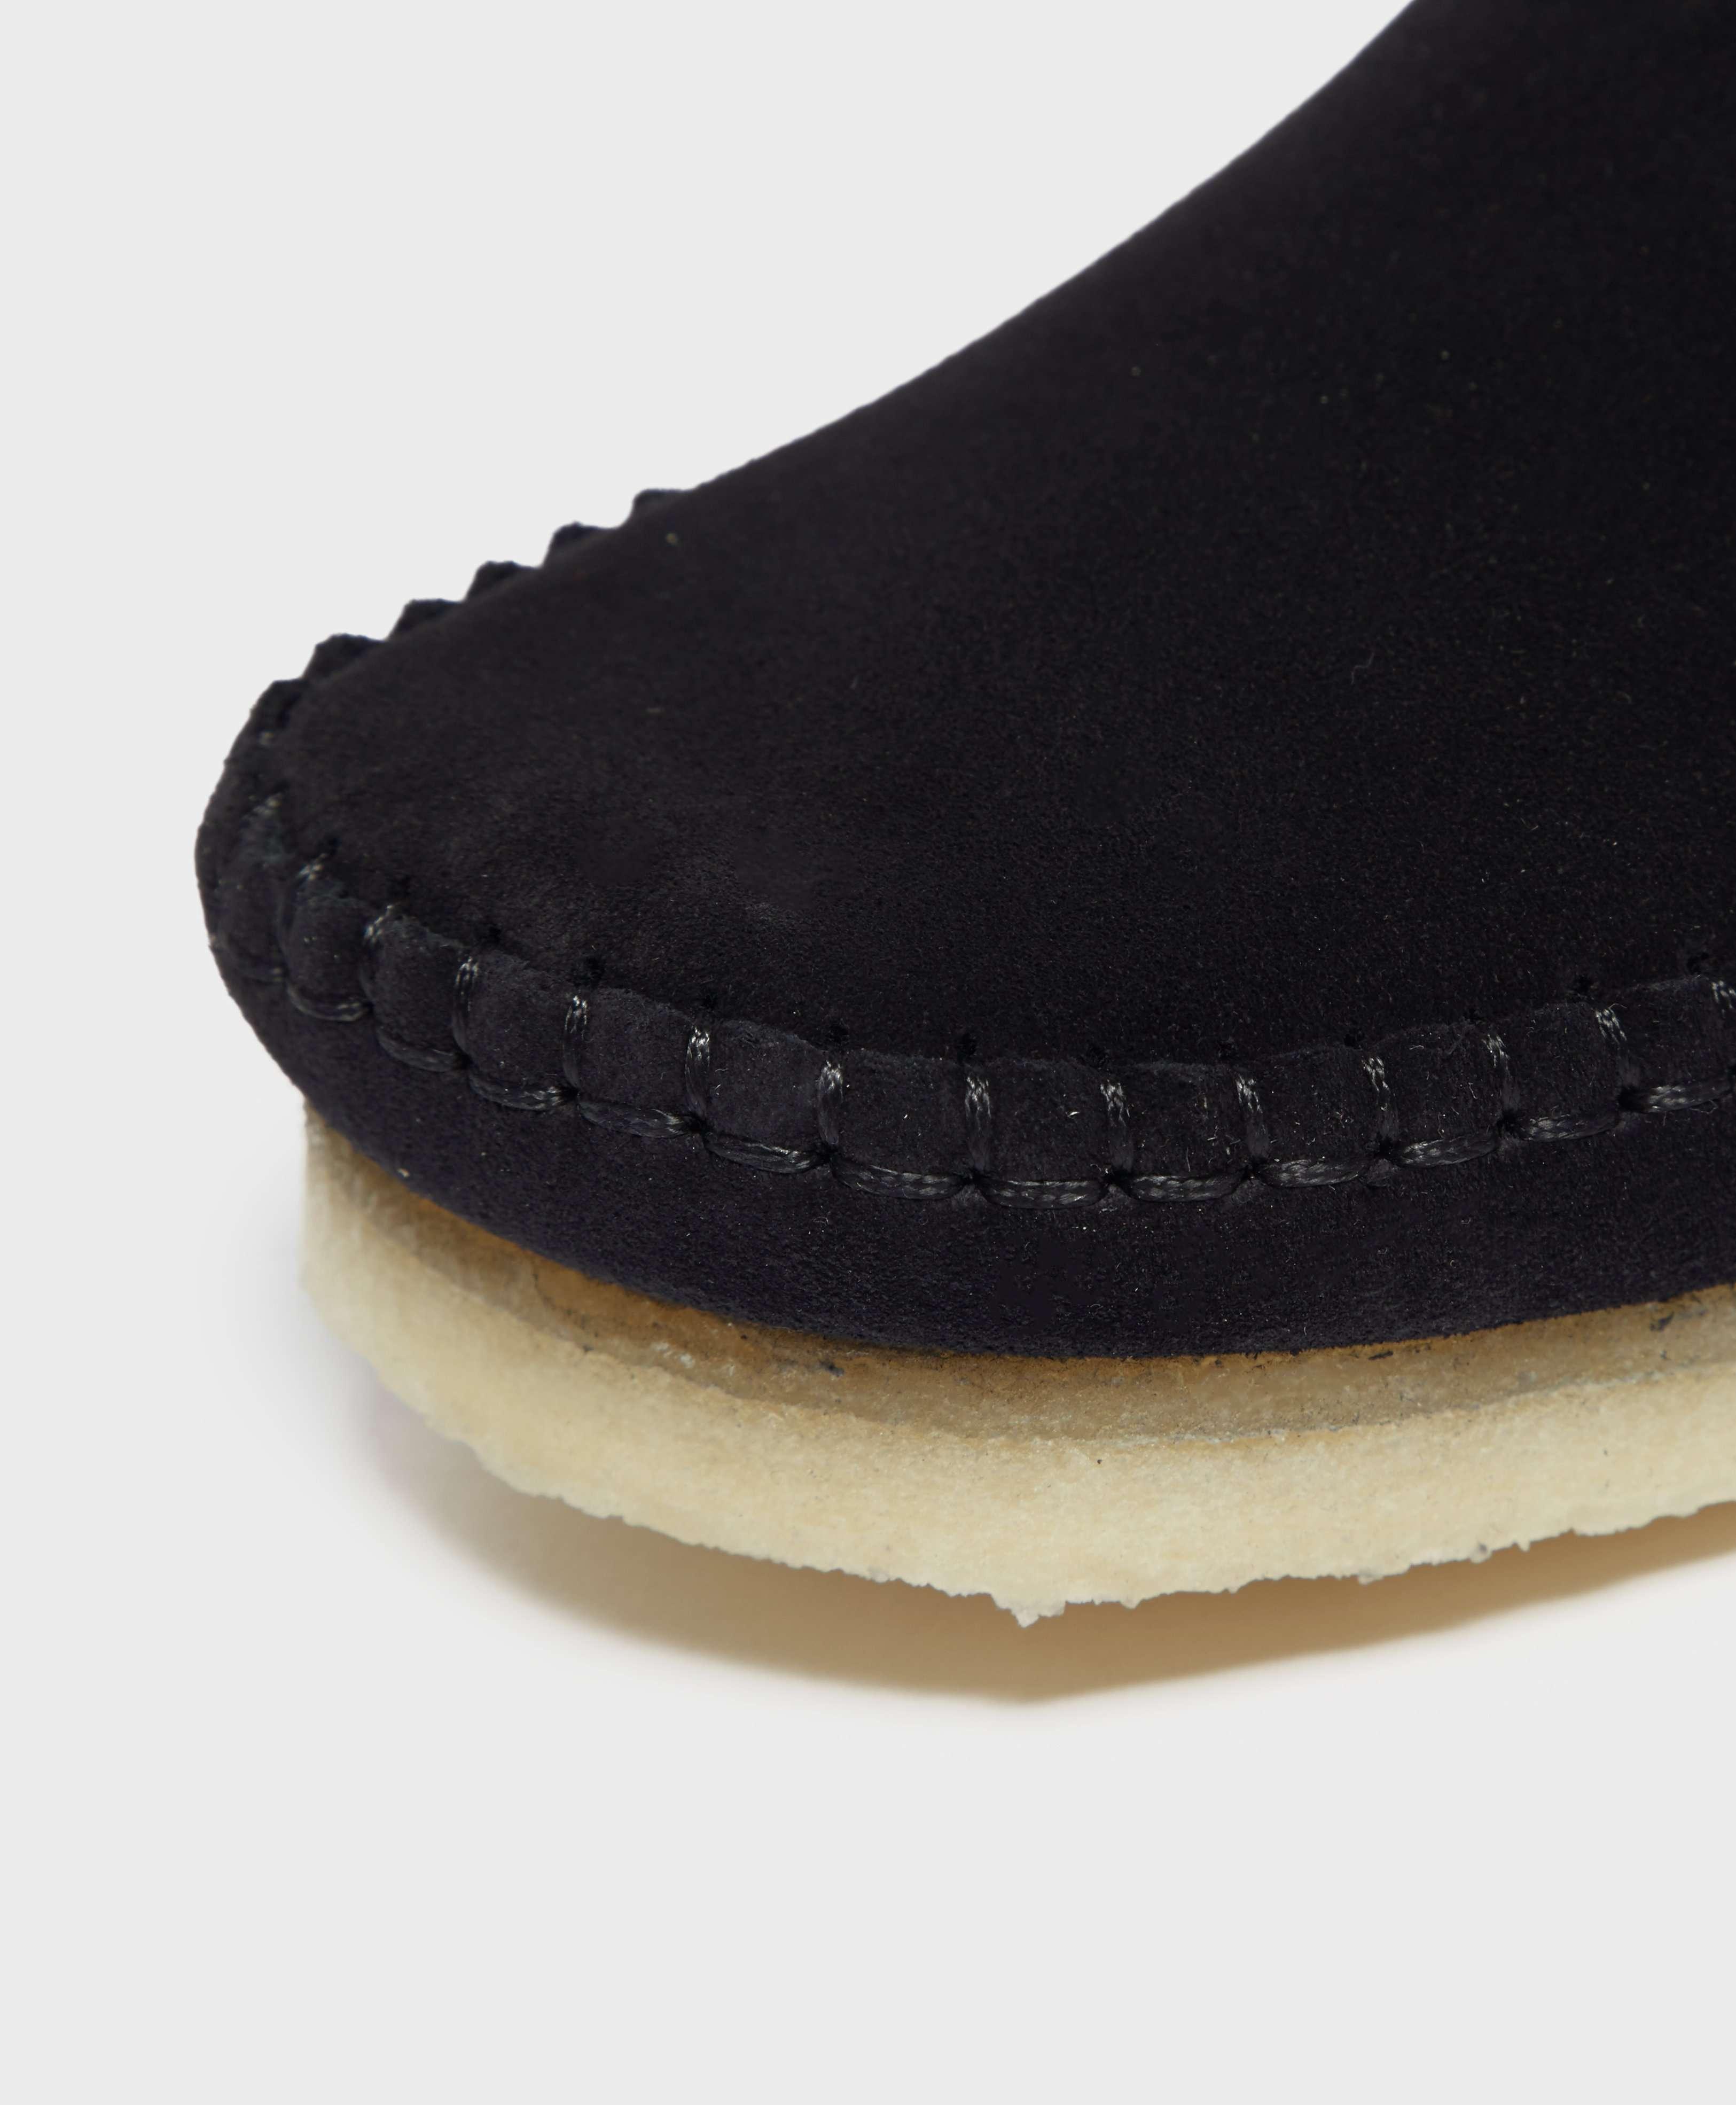 Clarks Originals Weaver Suede Boot